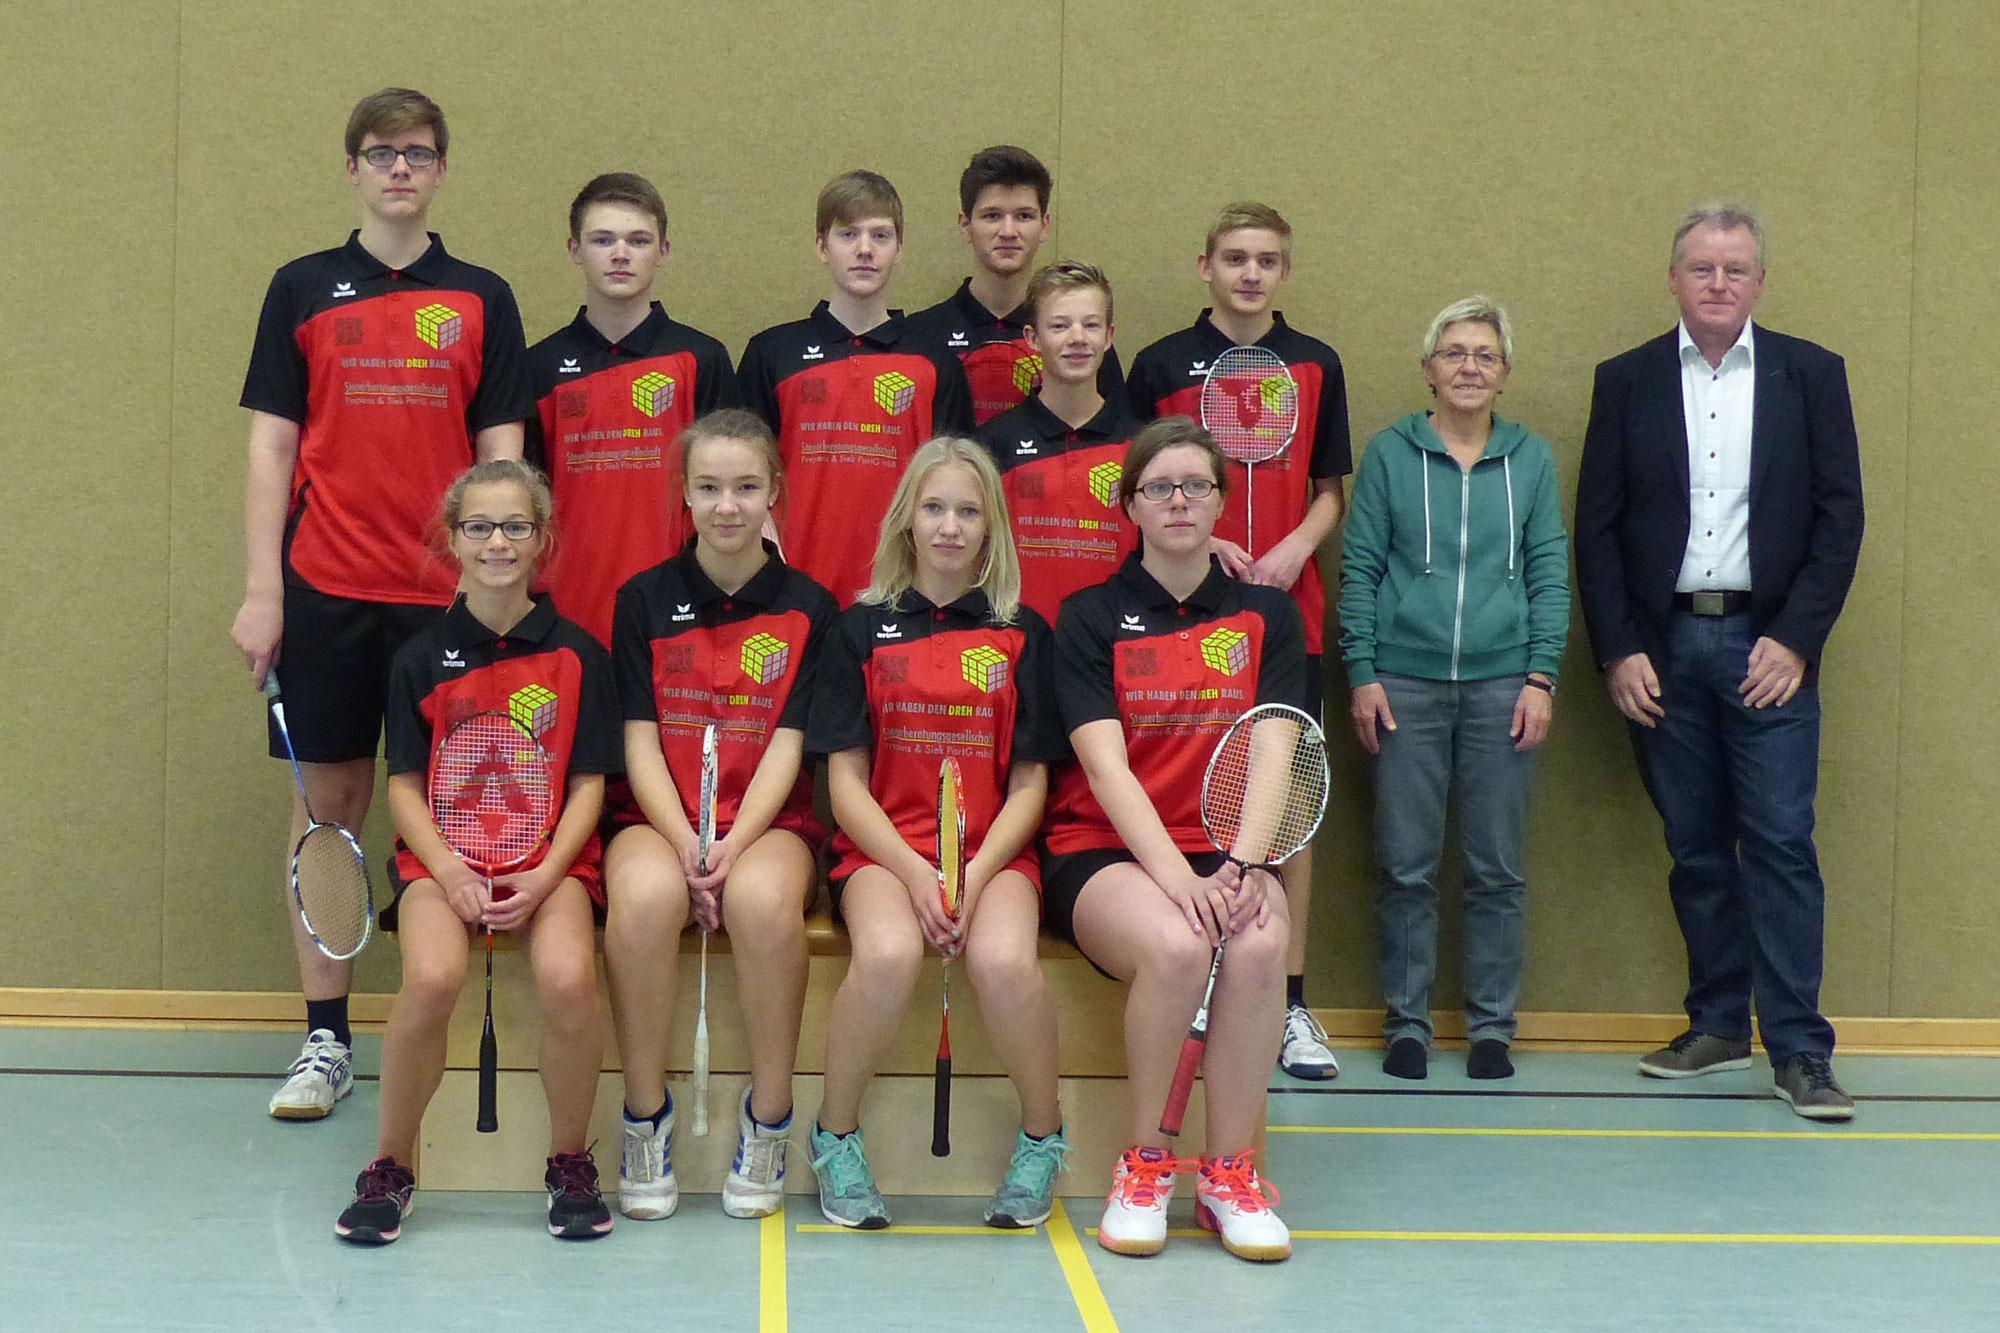 Badminton Mannschaft